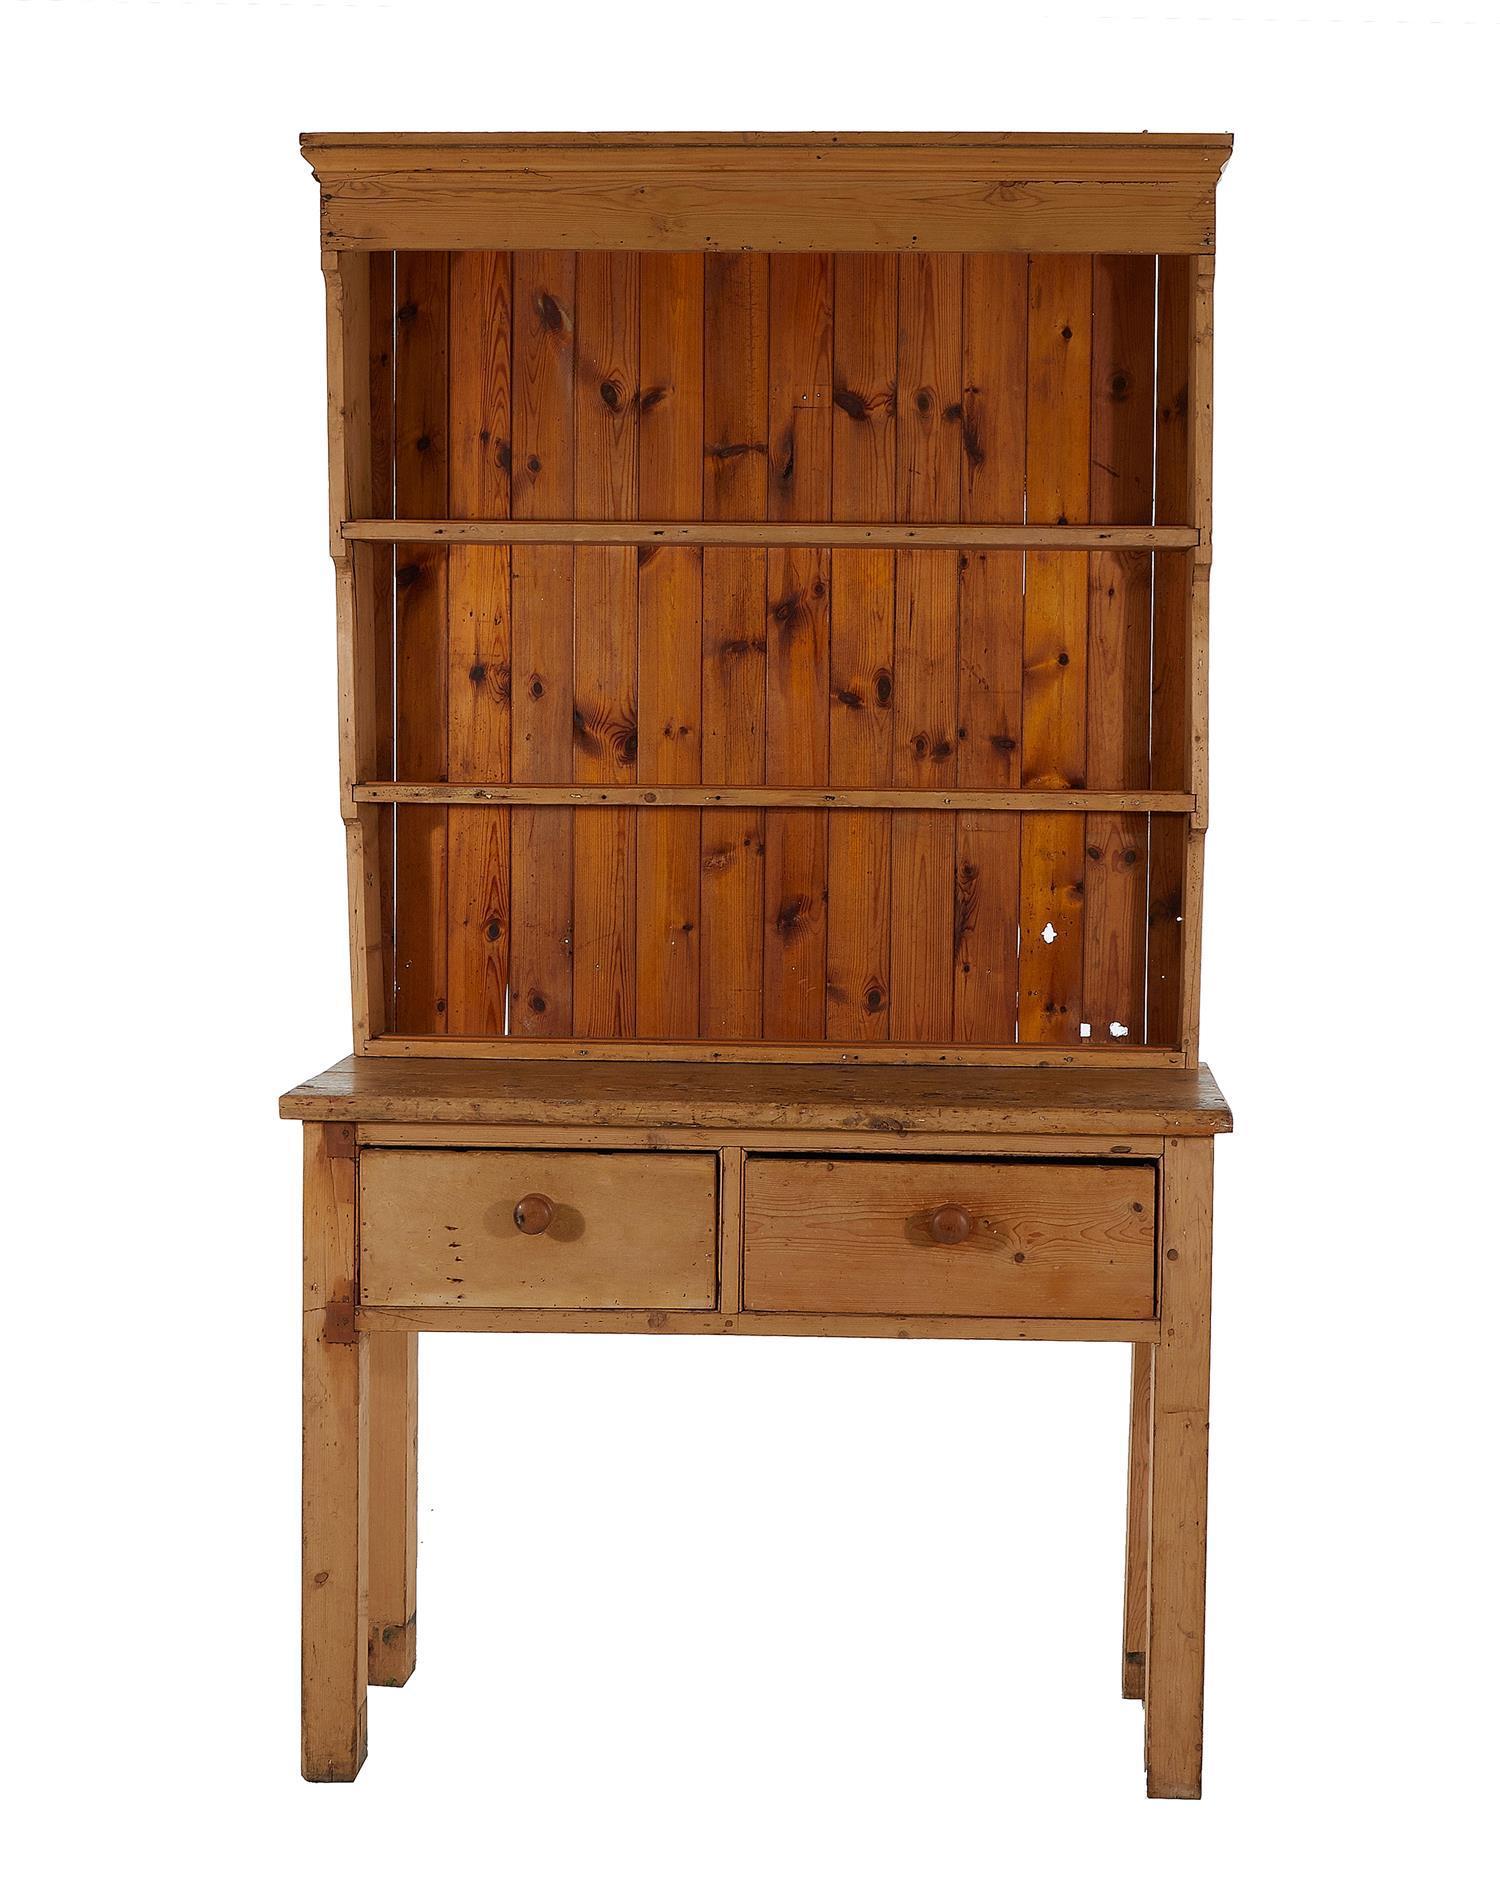 Victorian pine Welsh dresser